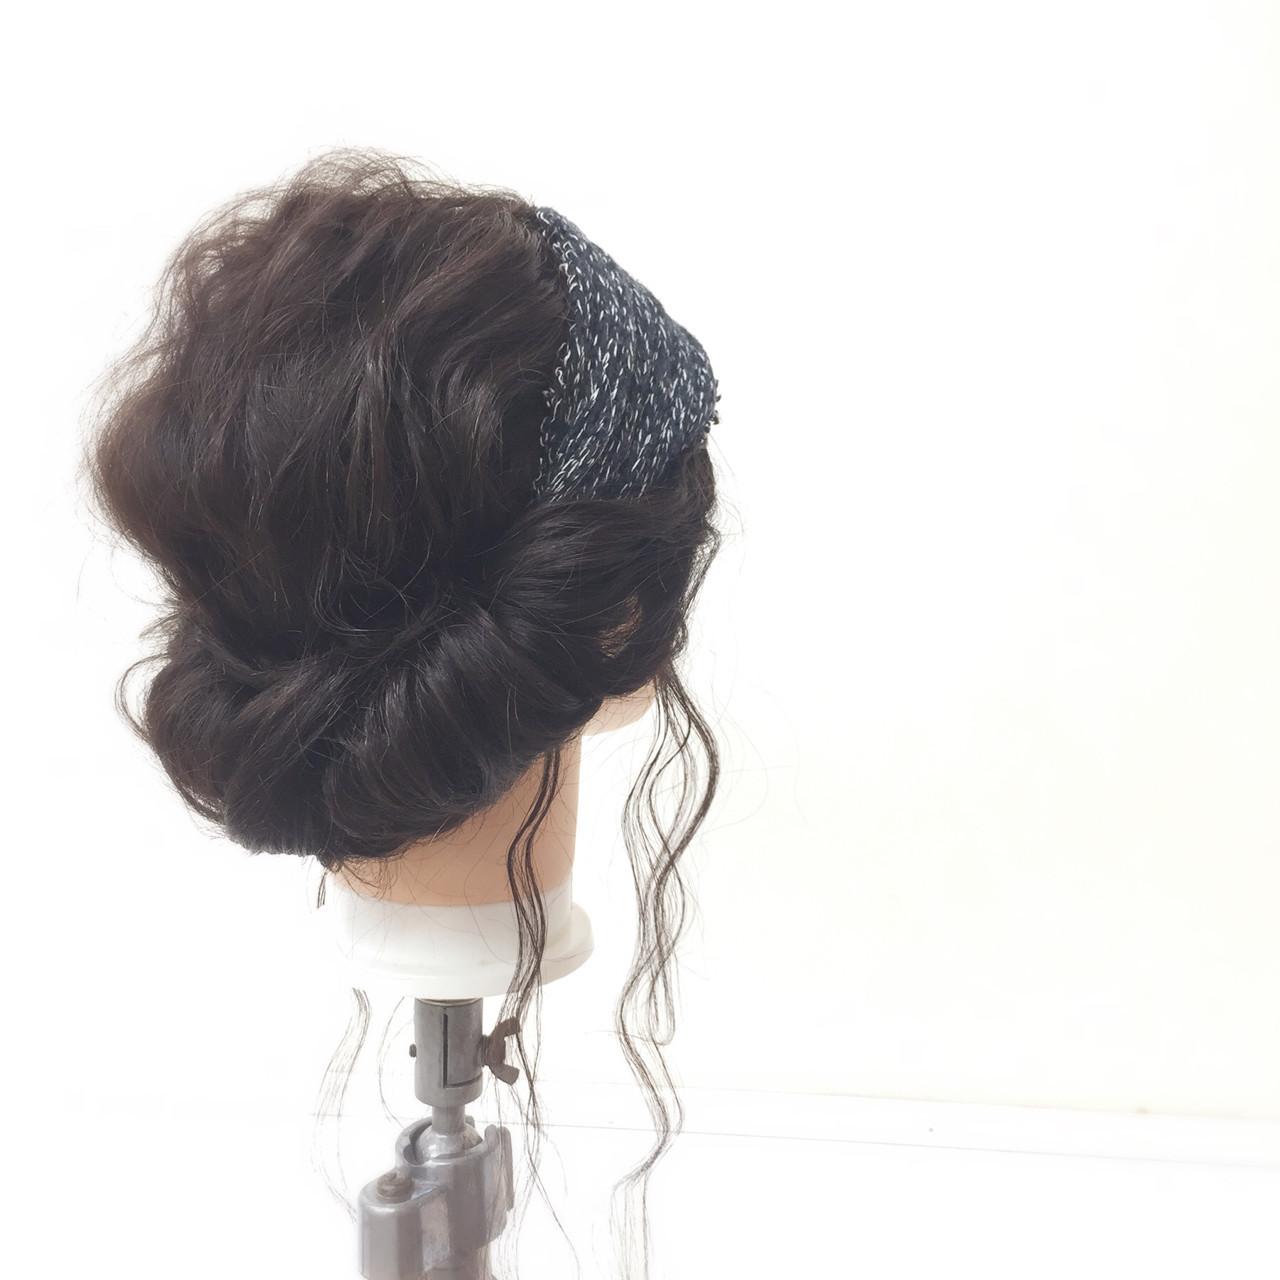 ギブソンタック ロング ヘアバンド セルフヘアアレンジ ヘアスタイルや髪型の写真・画像